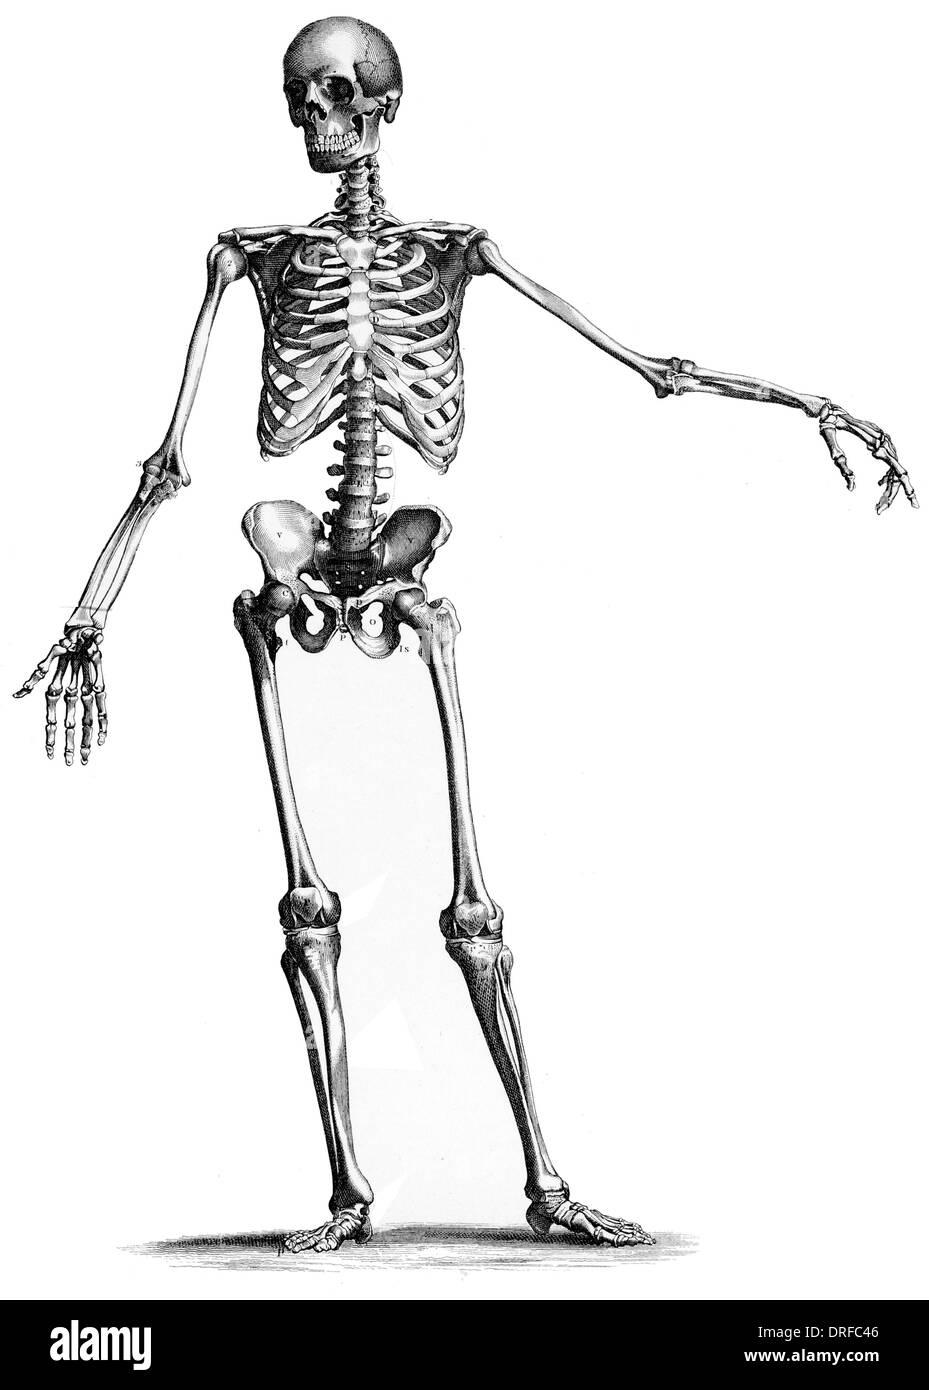 Vorderansicht frontal stehend Skelett des menschlichen Körpers Stockbild